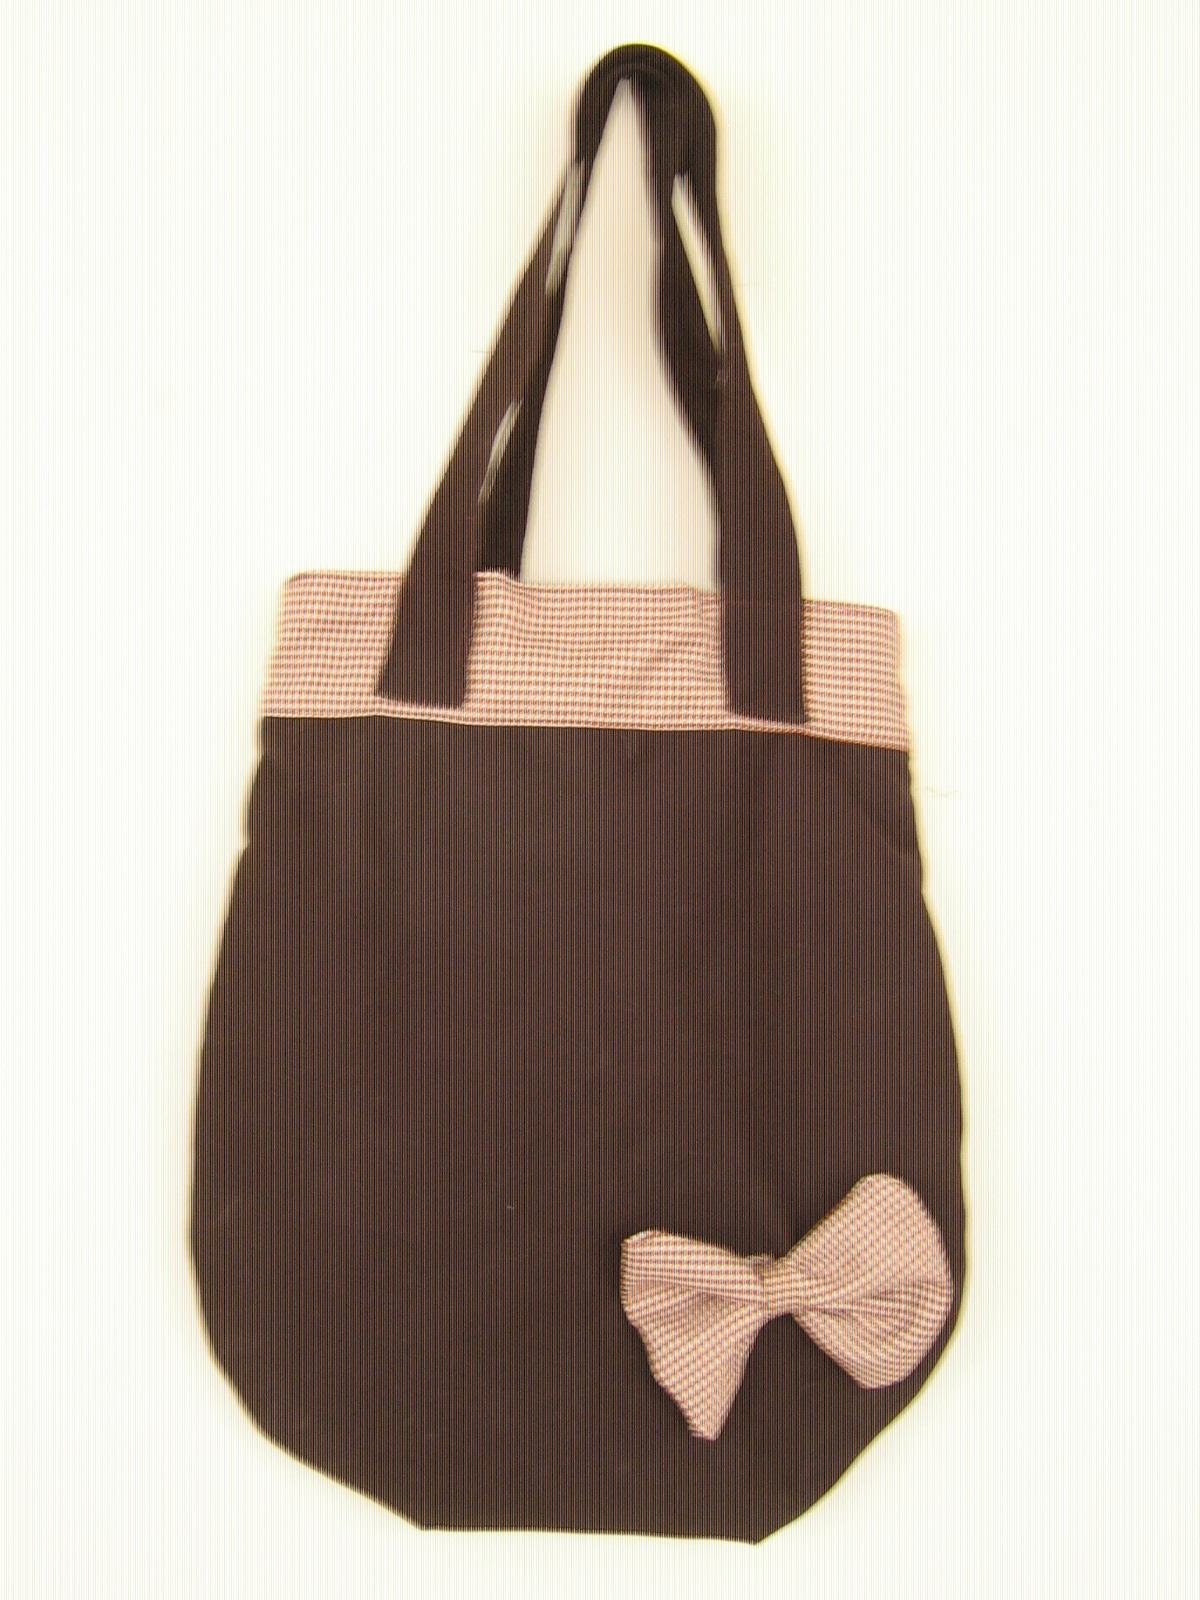 Los bag son bolsos muy amplios (40 cms de largo por 35cms de ancho) muy lindos y prácticos ideales para estudiantes universitarios o simplemente para lucir